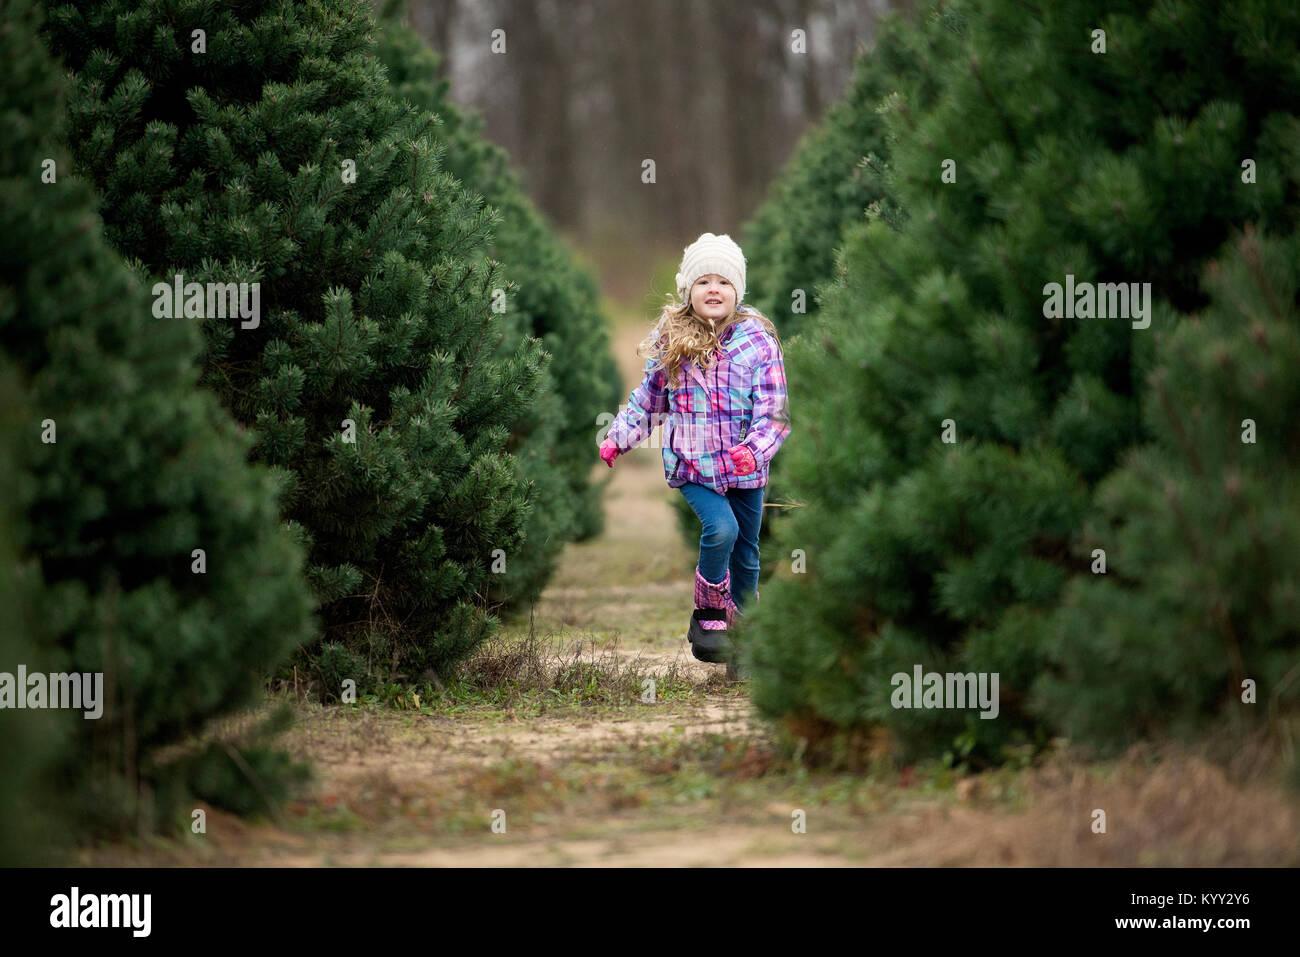 Per tutta la lunghezza della ragazza che corre sul campo in mezzo ad alberi di pino Immagini Stock